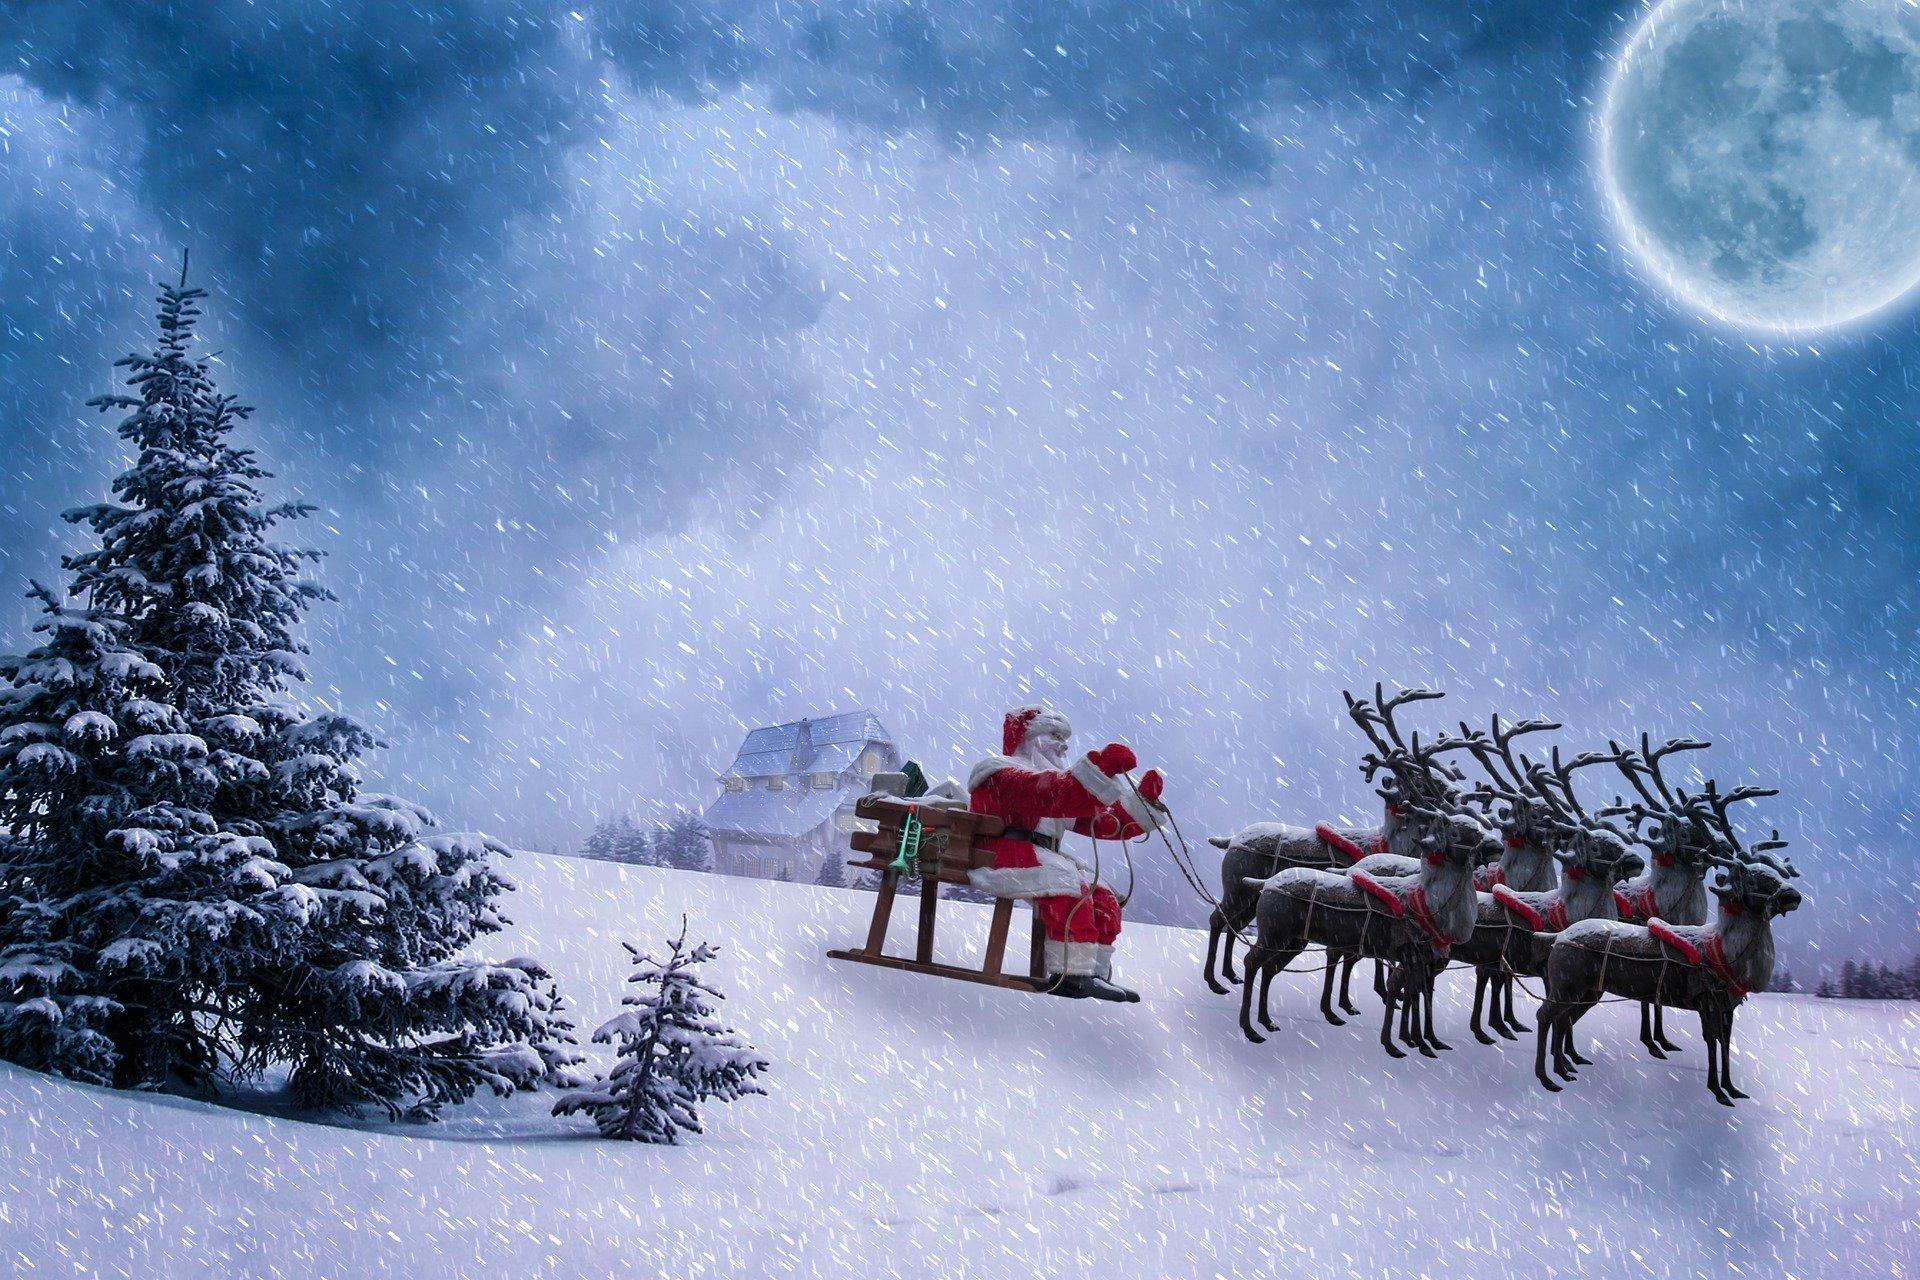 Odwiedziny Świętego Mikołaja, wierszyk dla dzieci na Boże Narodzenie